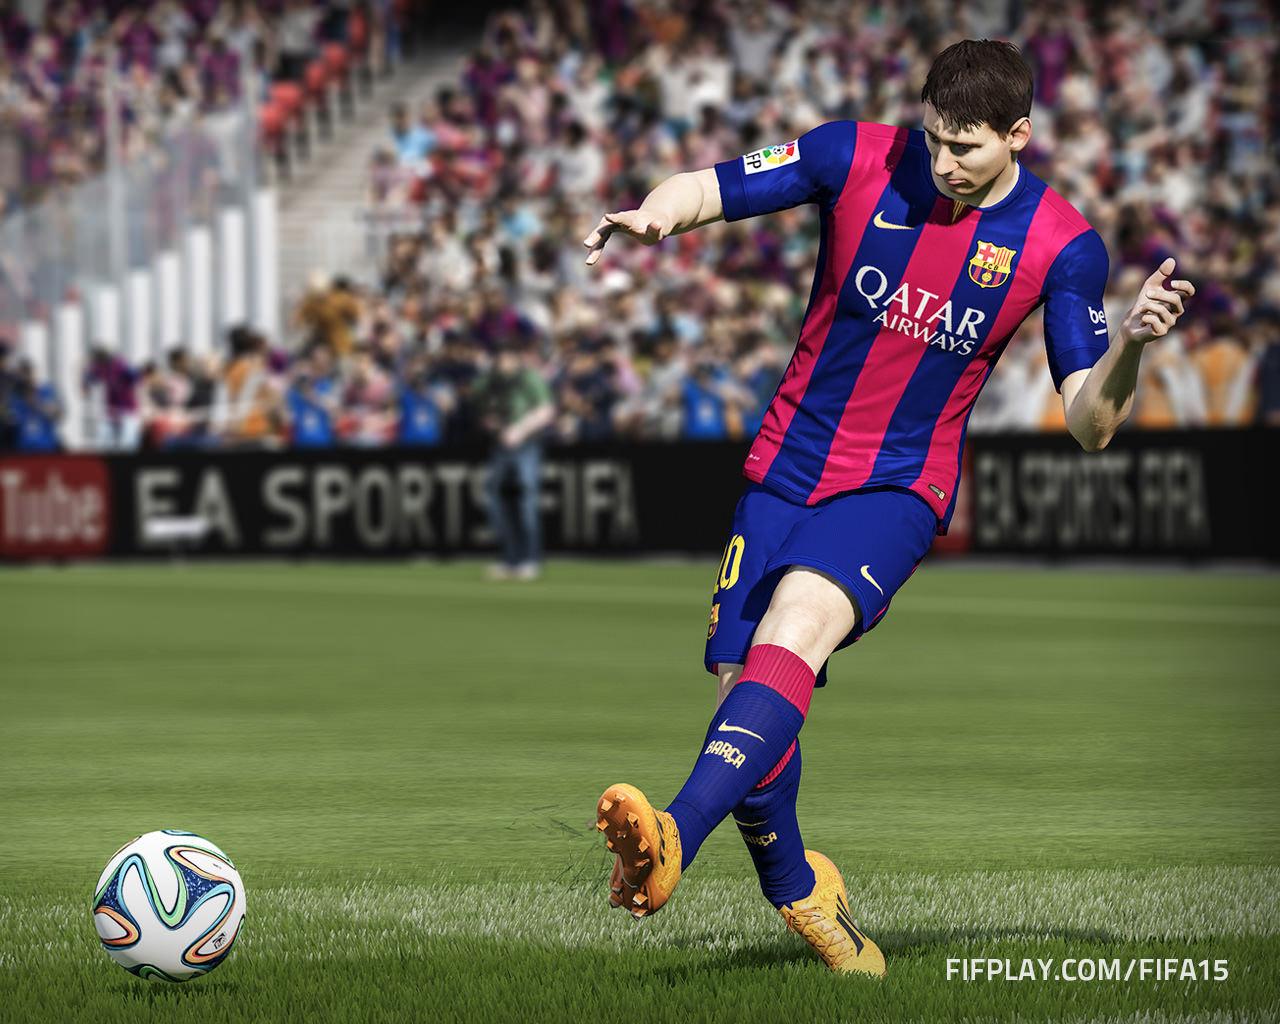 Download FIFA 15 Leo Messi Wallpaper